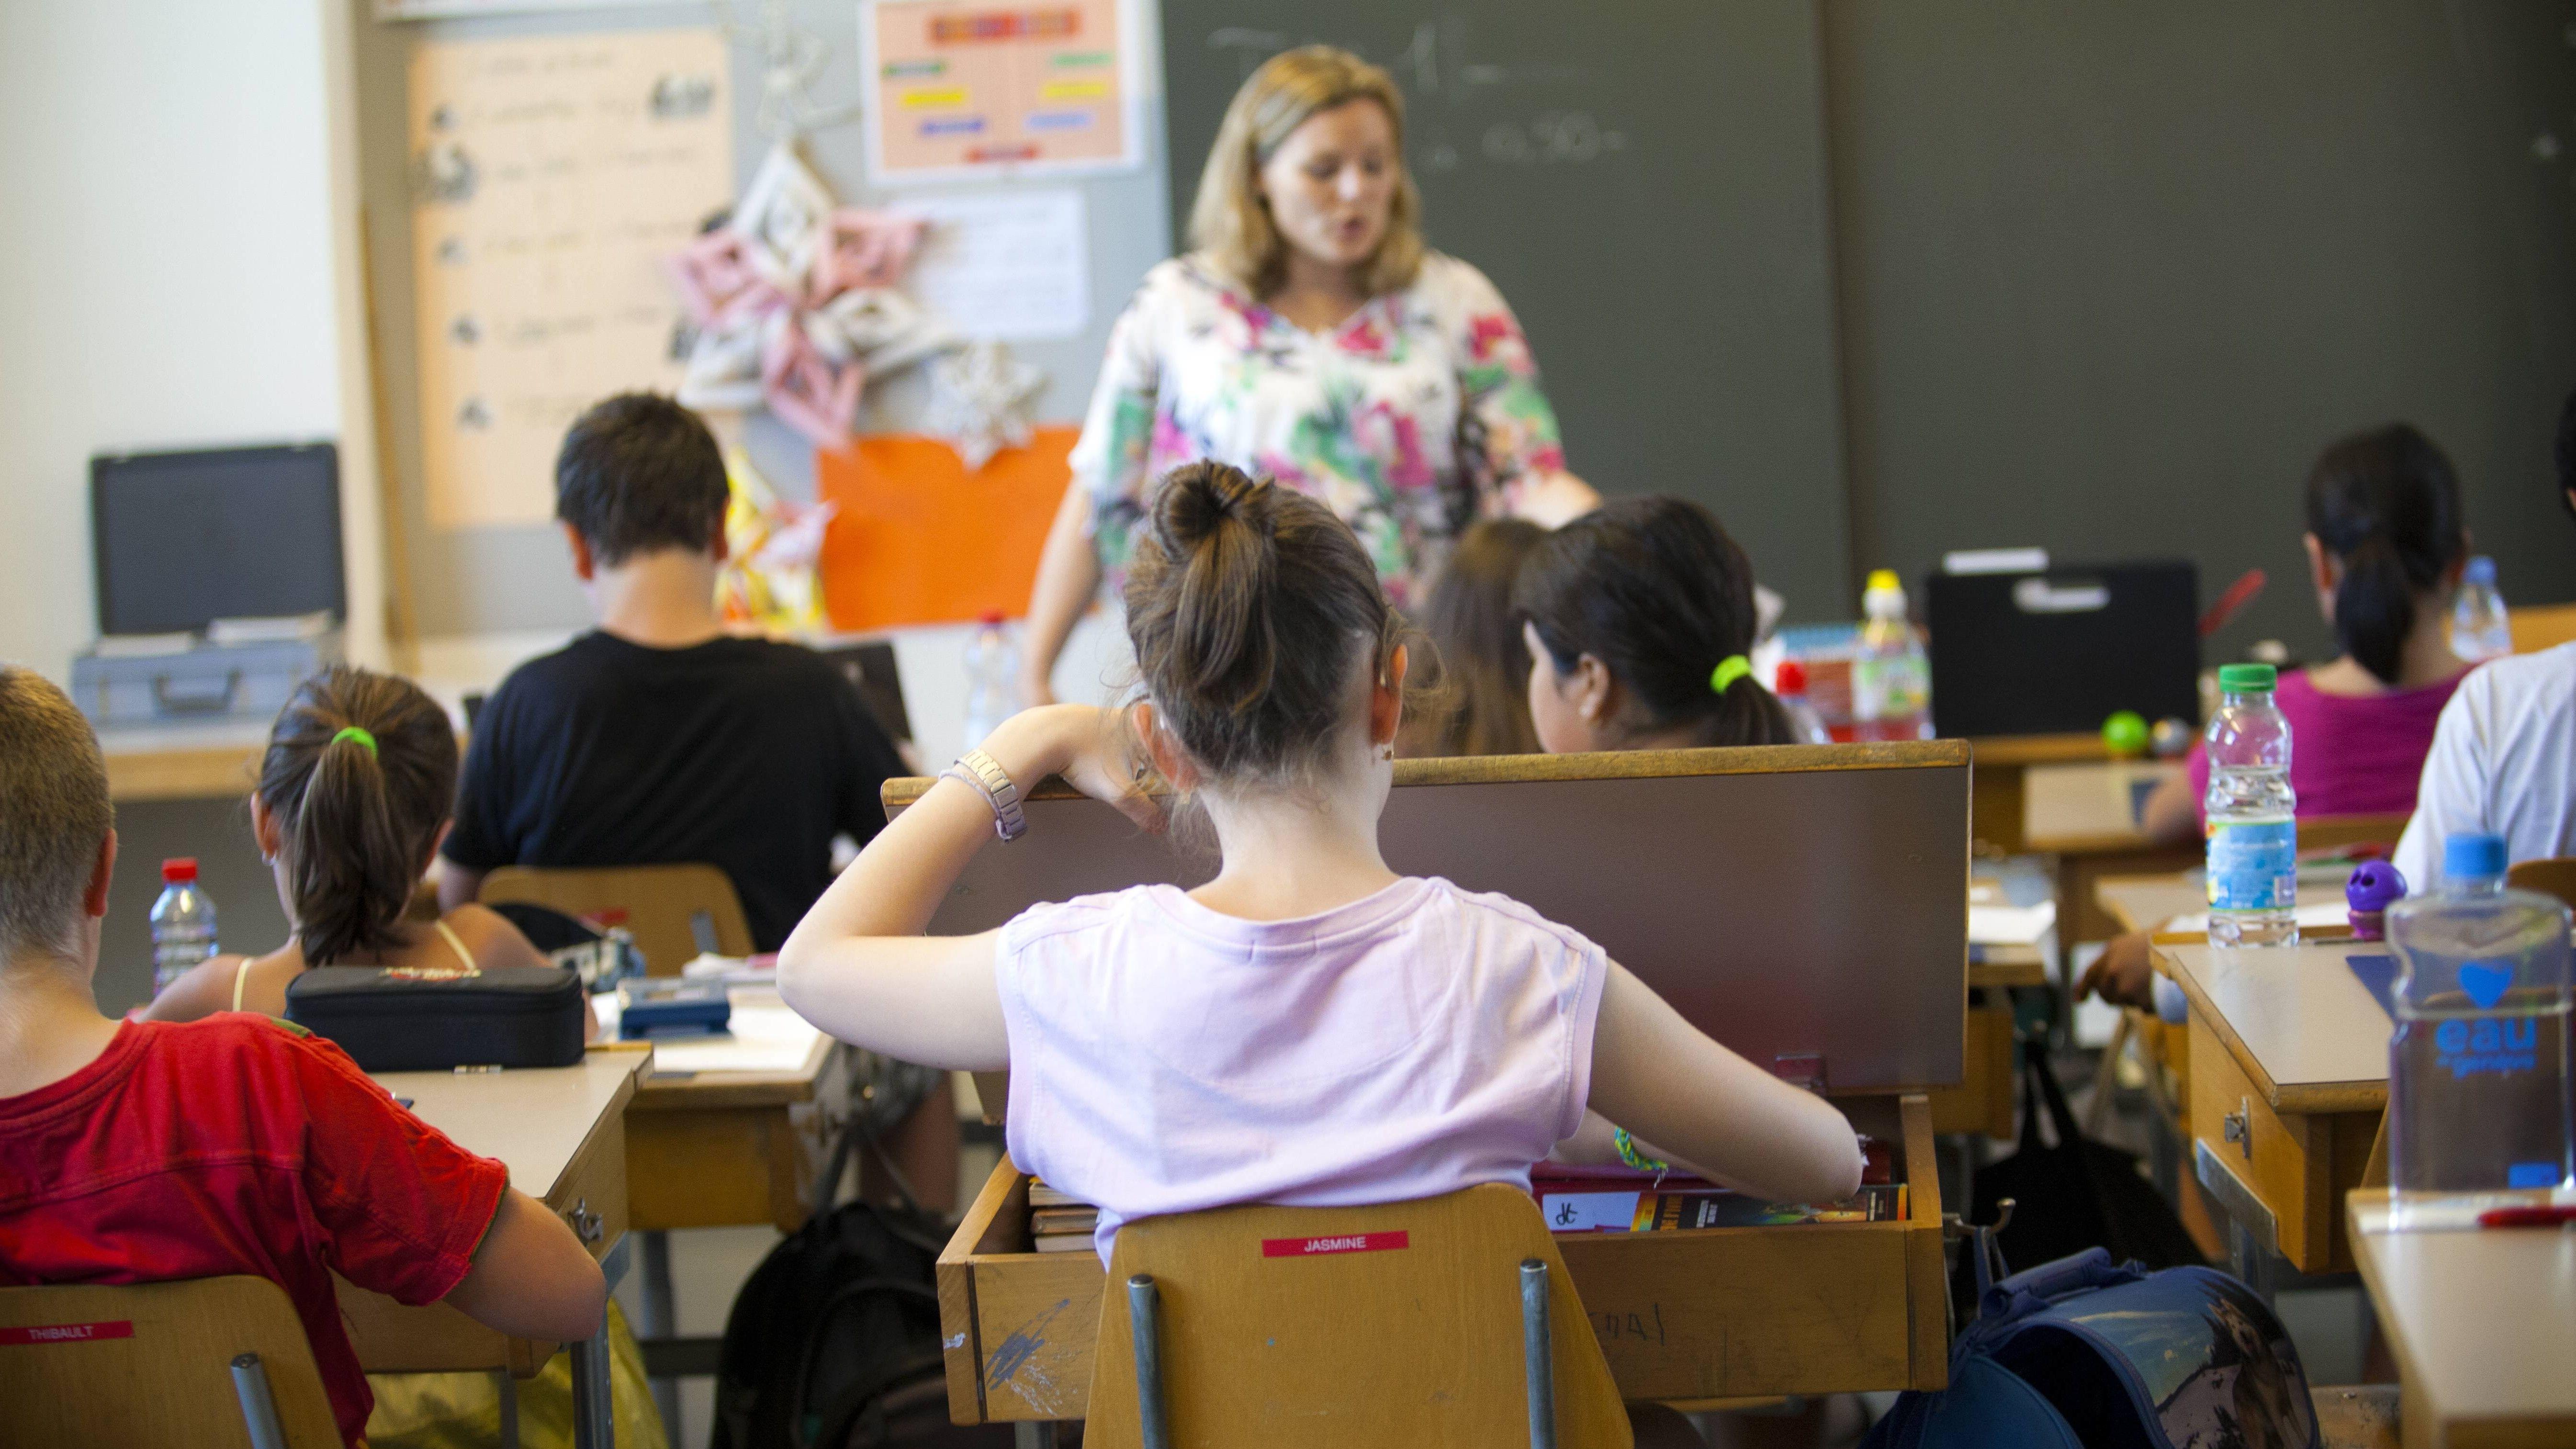 Der Opa eines Schülers hatte im Mai in Weiden eine Mittelschullehrerin geohrfeigt. Jetzt hat das Amtsgericht Strafbefehl erlassen. (Symbolbild)